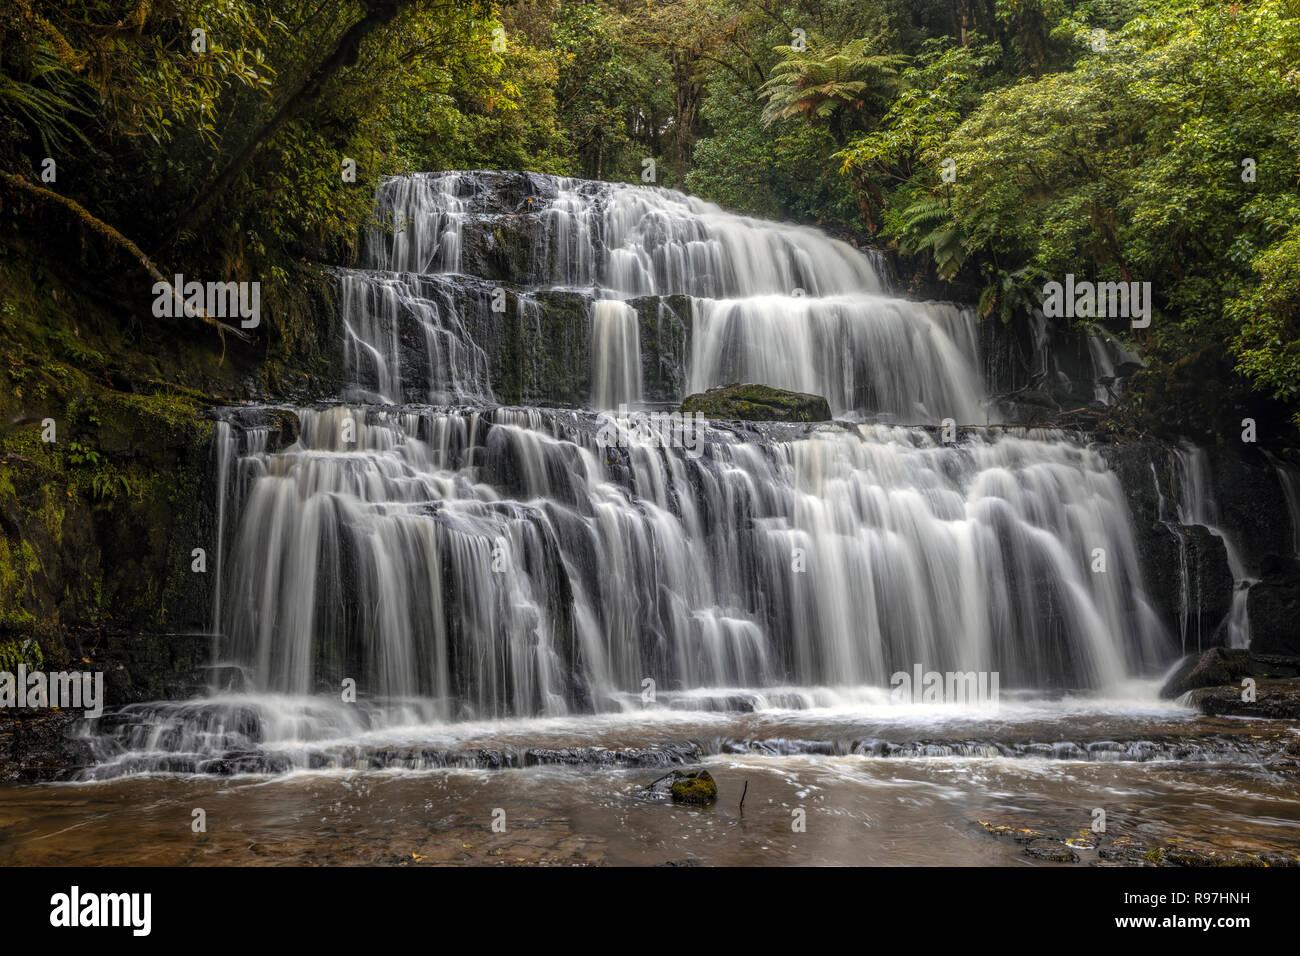 Purakaunui Falls, parc forestier de Catlins, île du Sud, Nouvelle-Zélande Banque D'Images